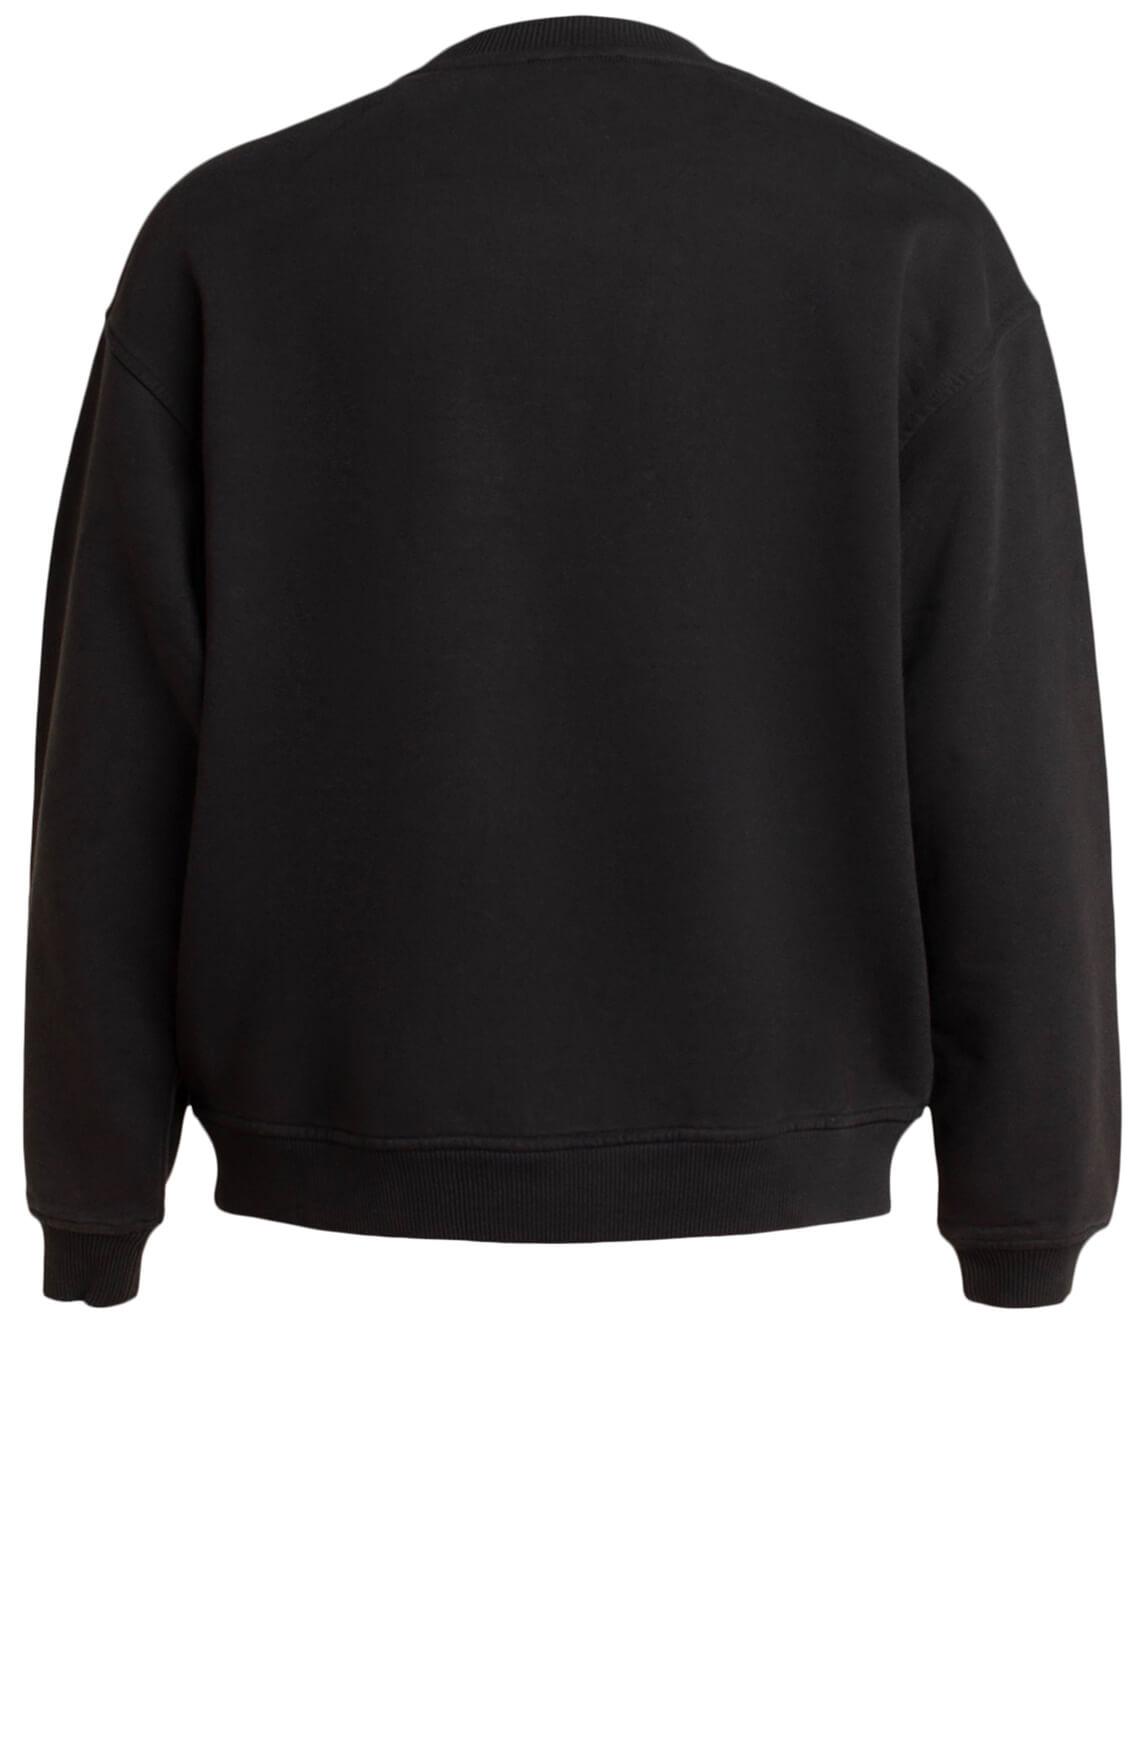 Alix The Label Dames Sweater met opdruk zwart